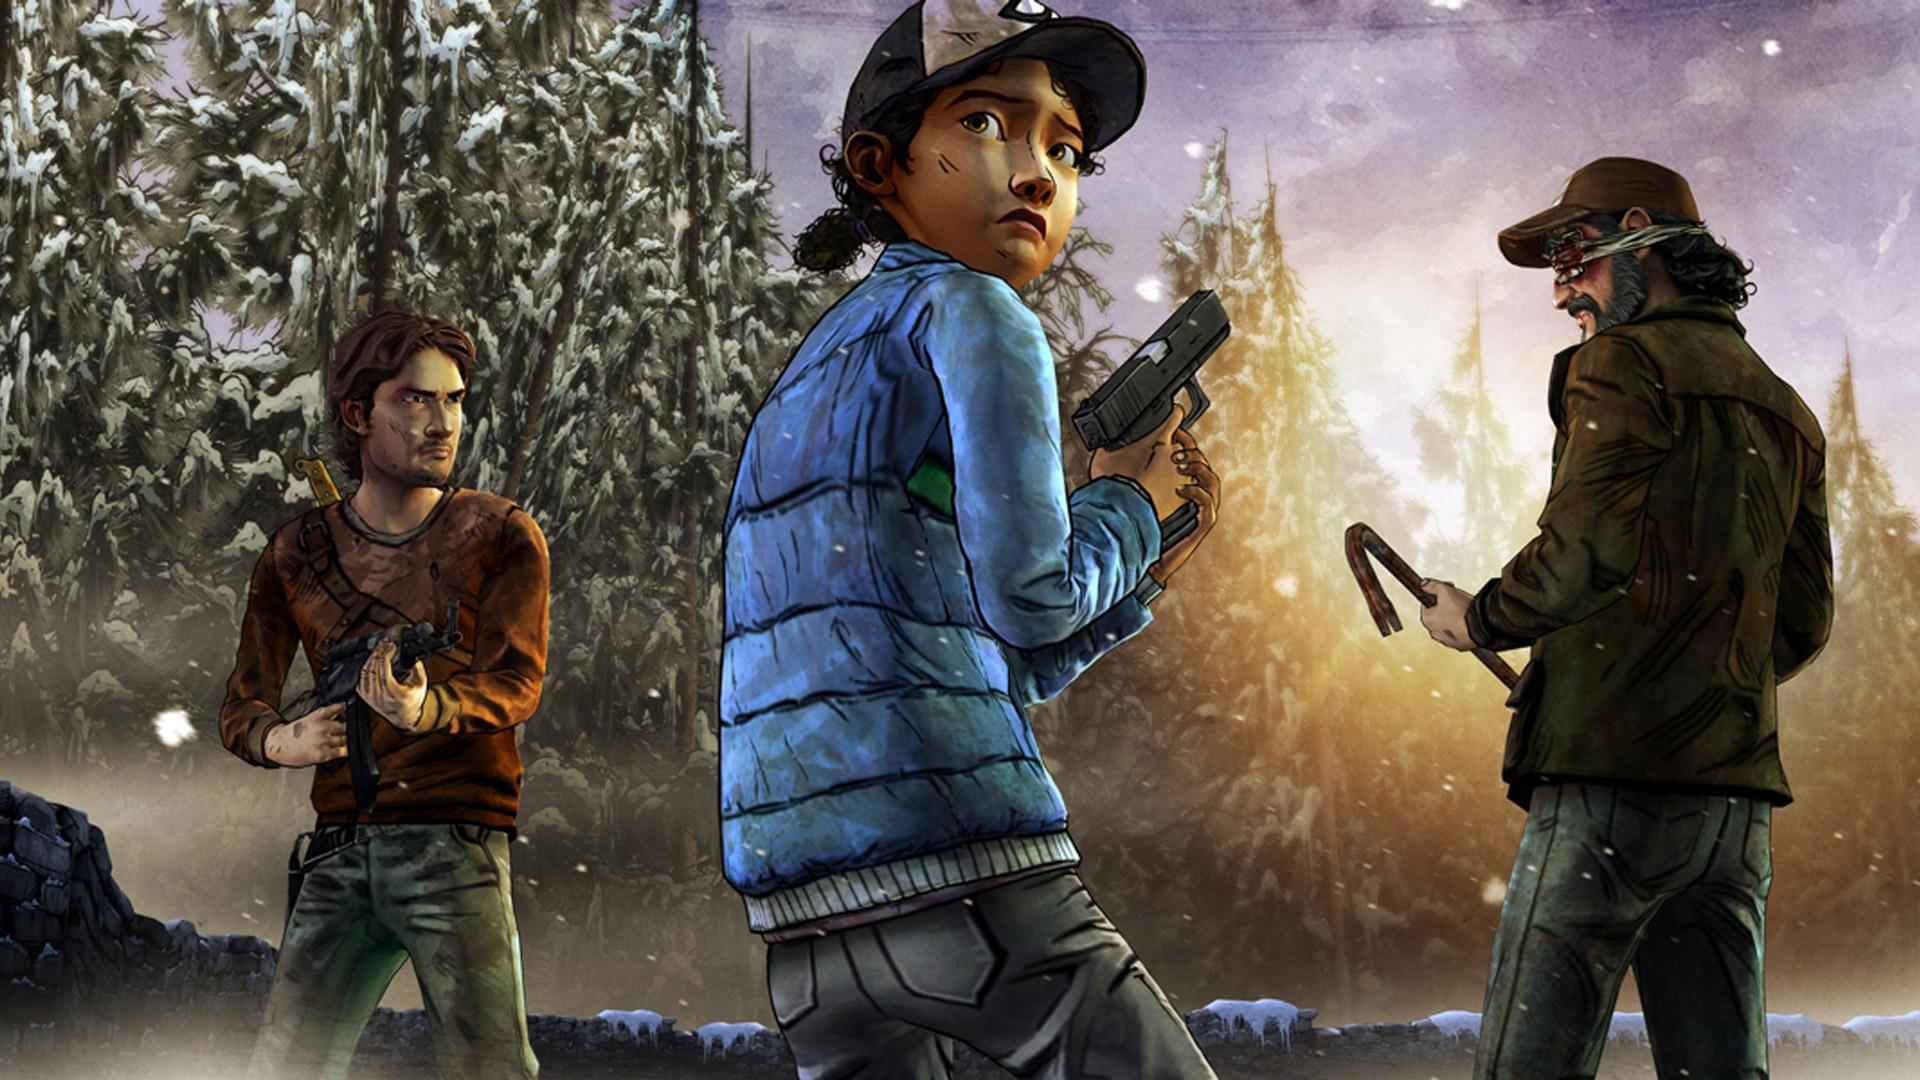 Free The Walking Dead: Season 2 Wallpaper in 1920x1080